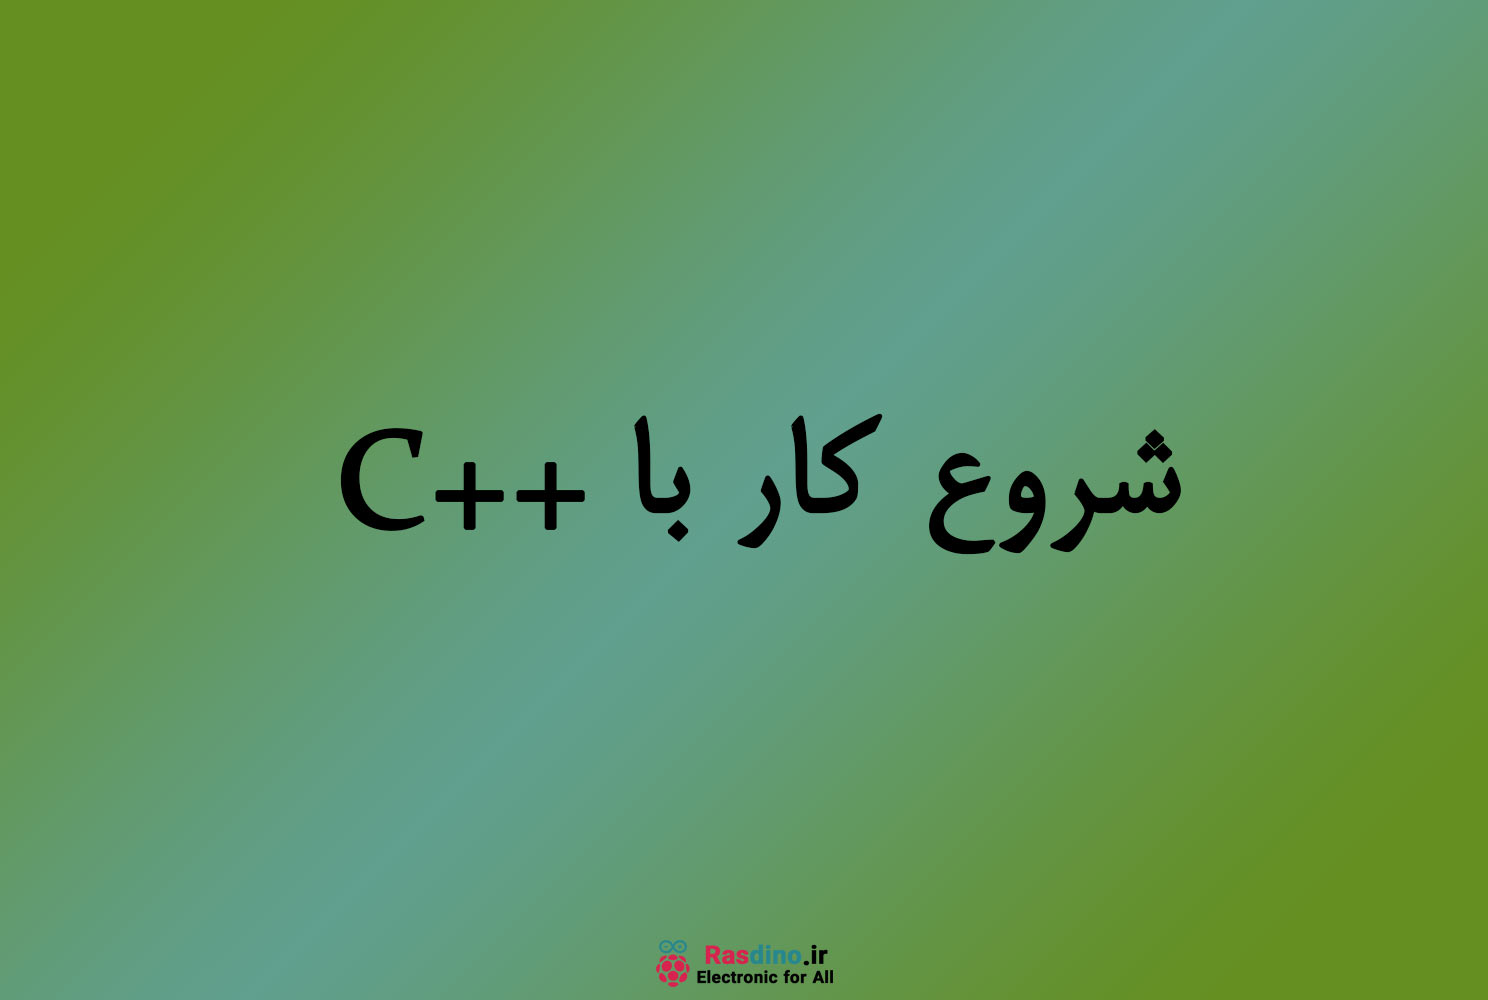 شروع کار با ++C